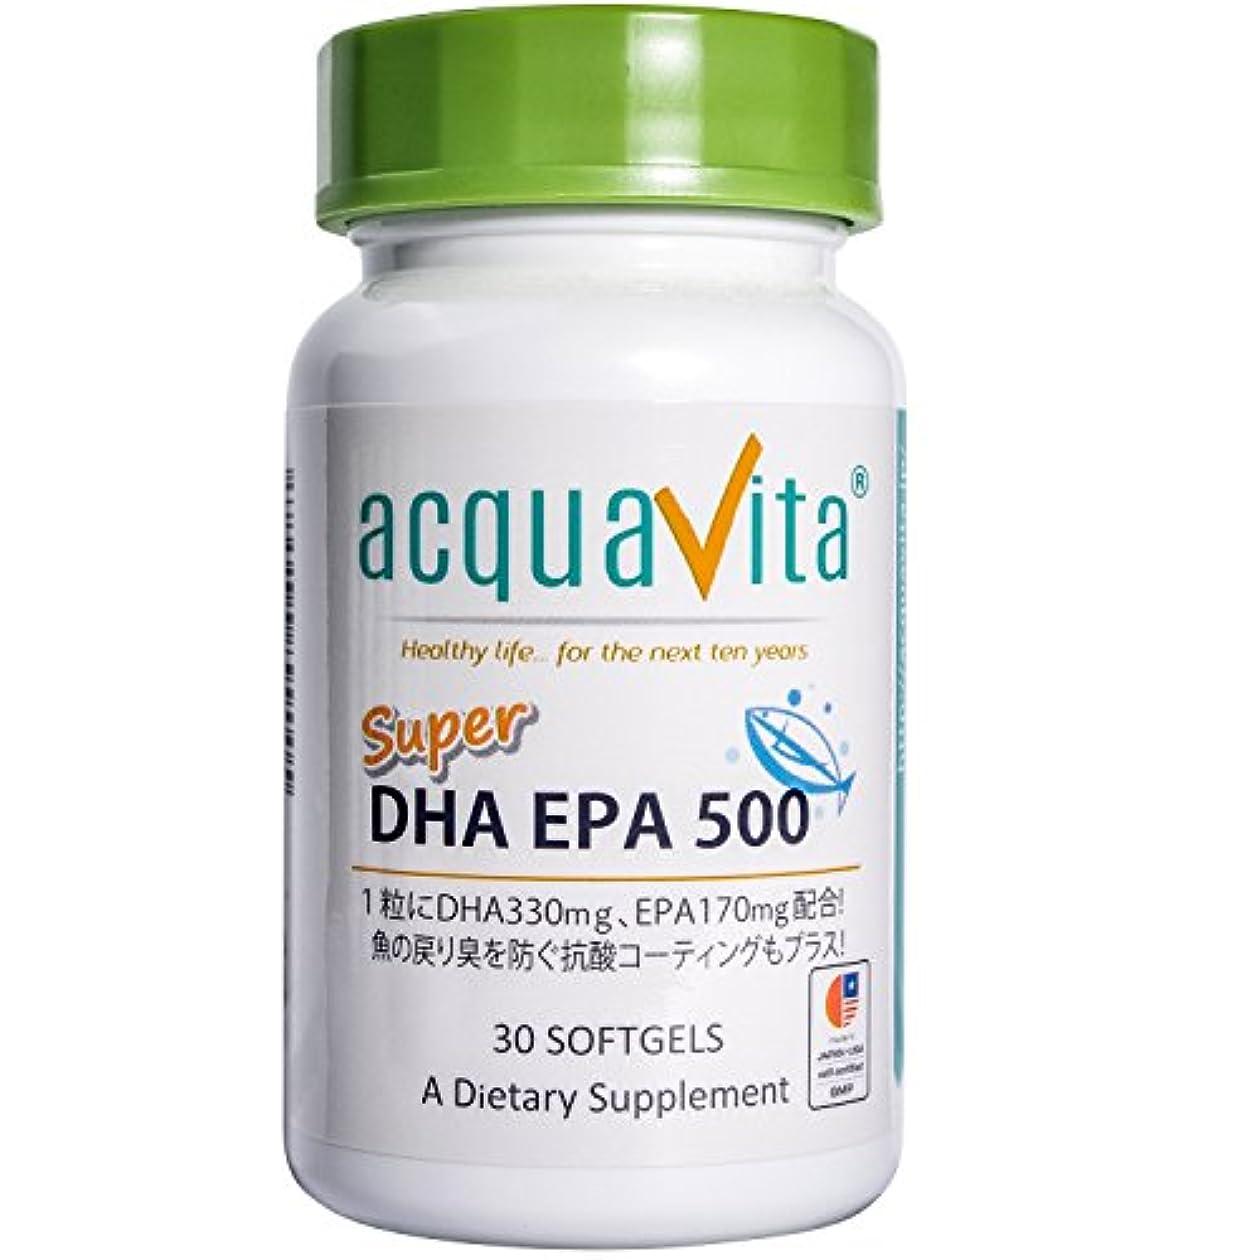 傾いた工夫するケーブルカーacquavita(アクアヴィータ) スーパーDHAEPA500 30粒